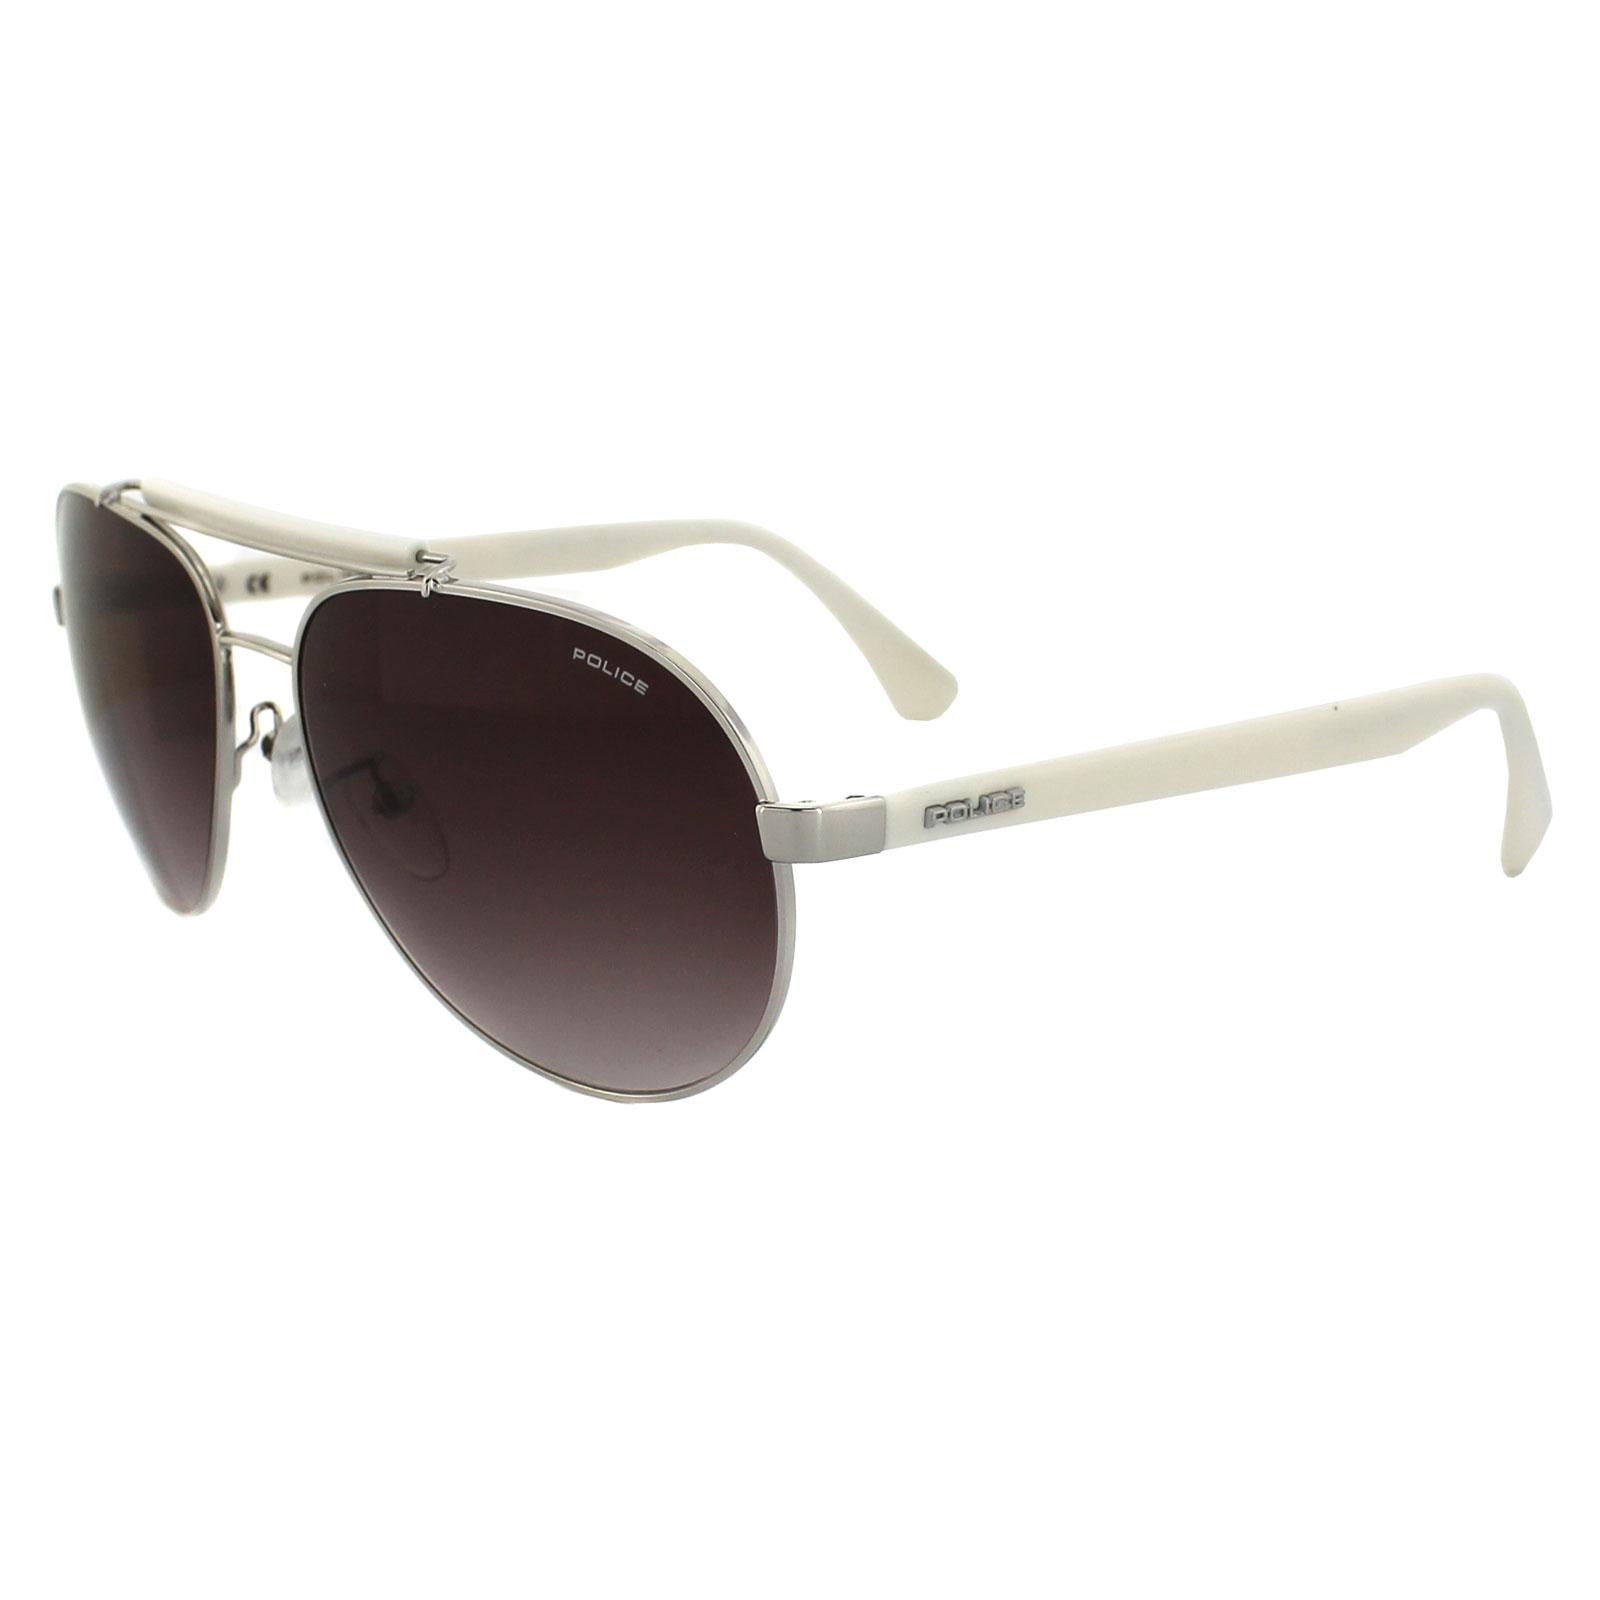 518ce1f05f5c3 Sentinel Police Sunglasses 8644 579 Silver   White Brown Gradient